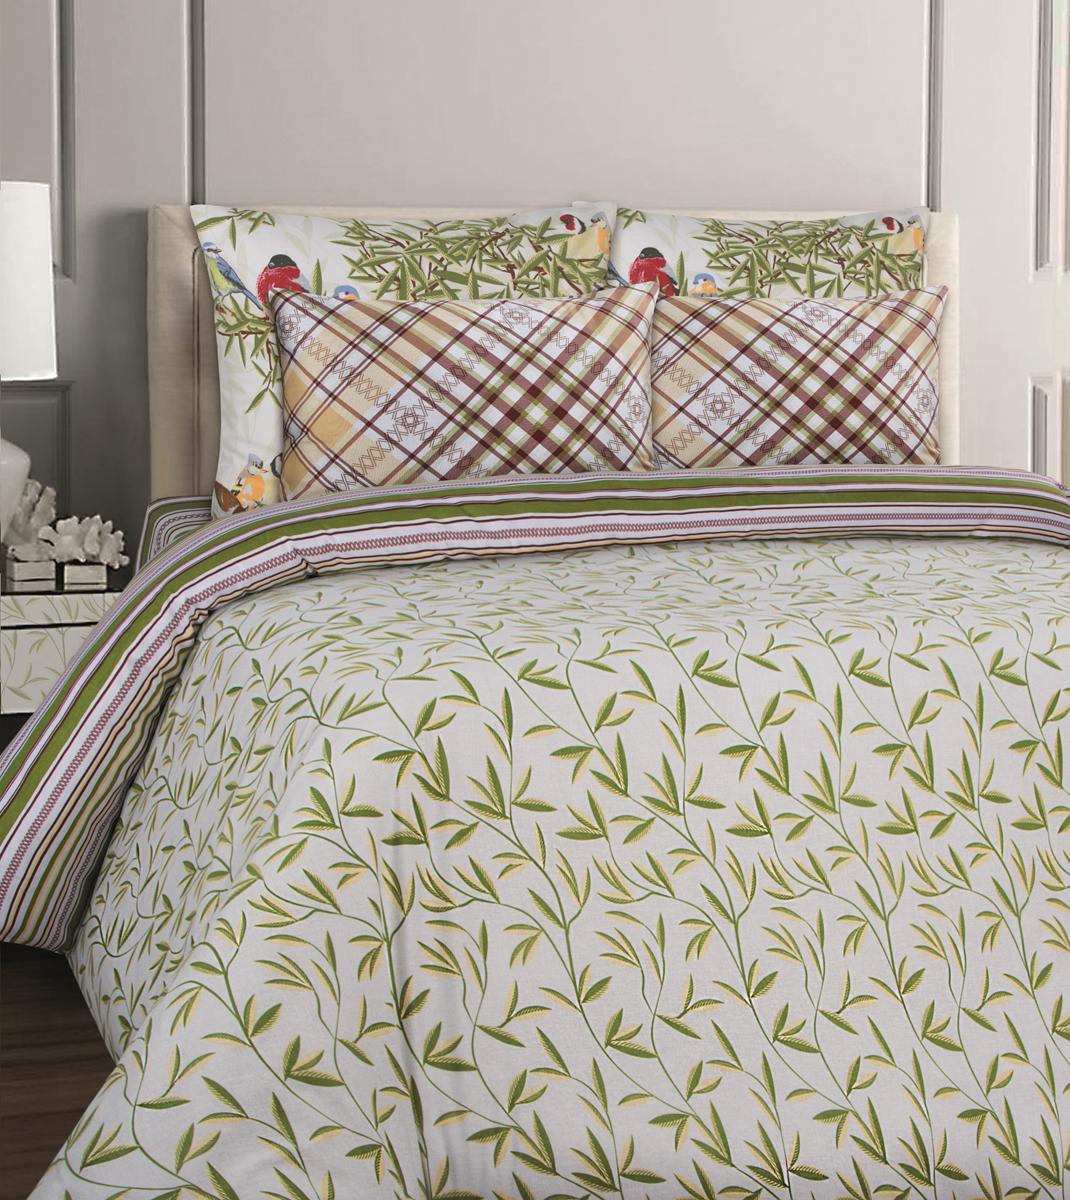 Комплект белья Mona Liza British Essex, 1,5-спальный, наволочки 70x70. 551114-76 комплект белья mona liza stone topaz 1 5 спальный наволочки 70x70 551114 63